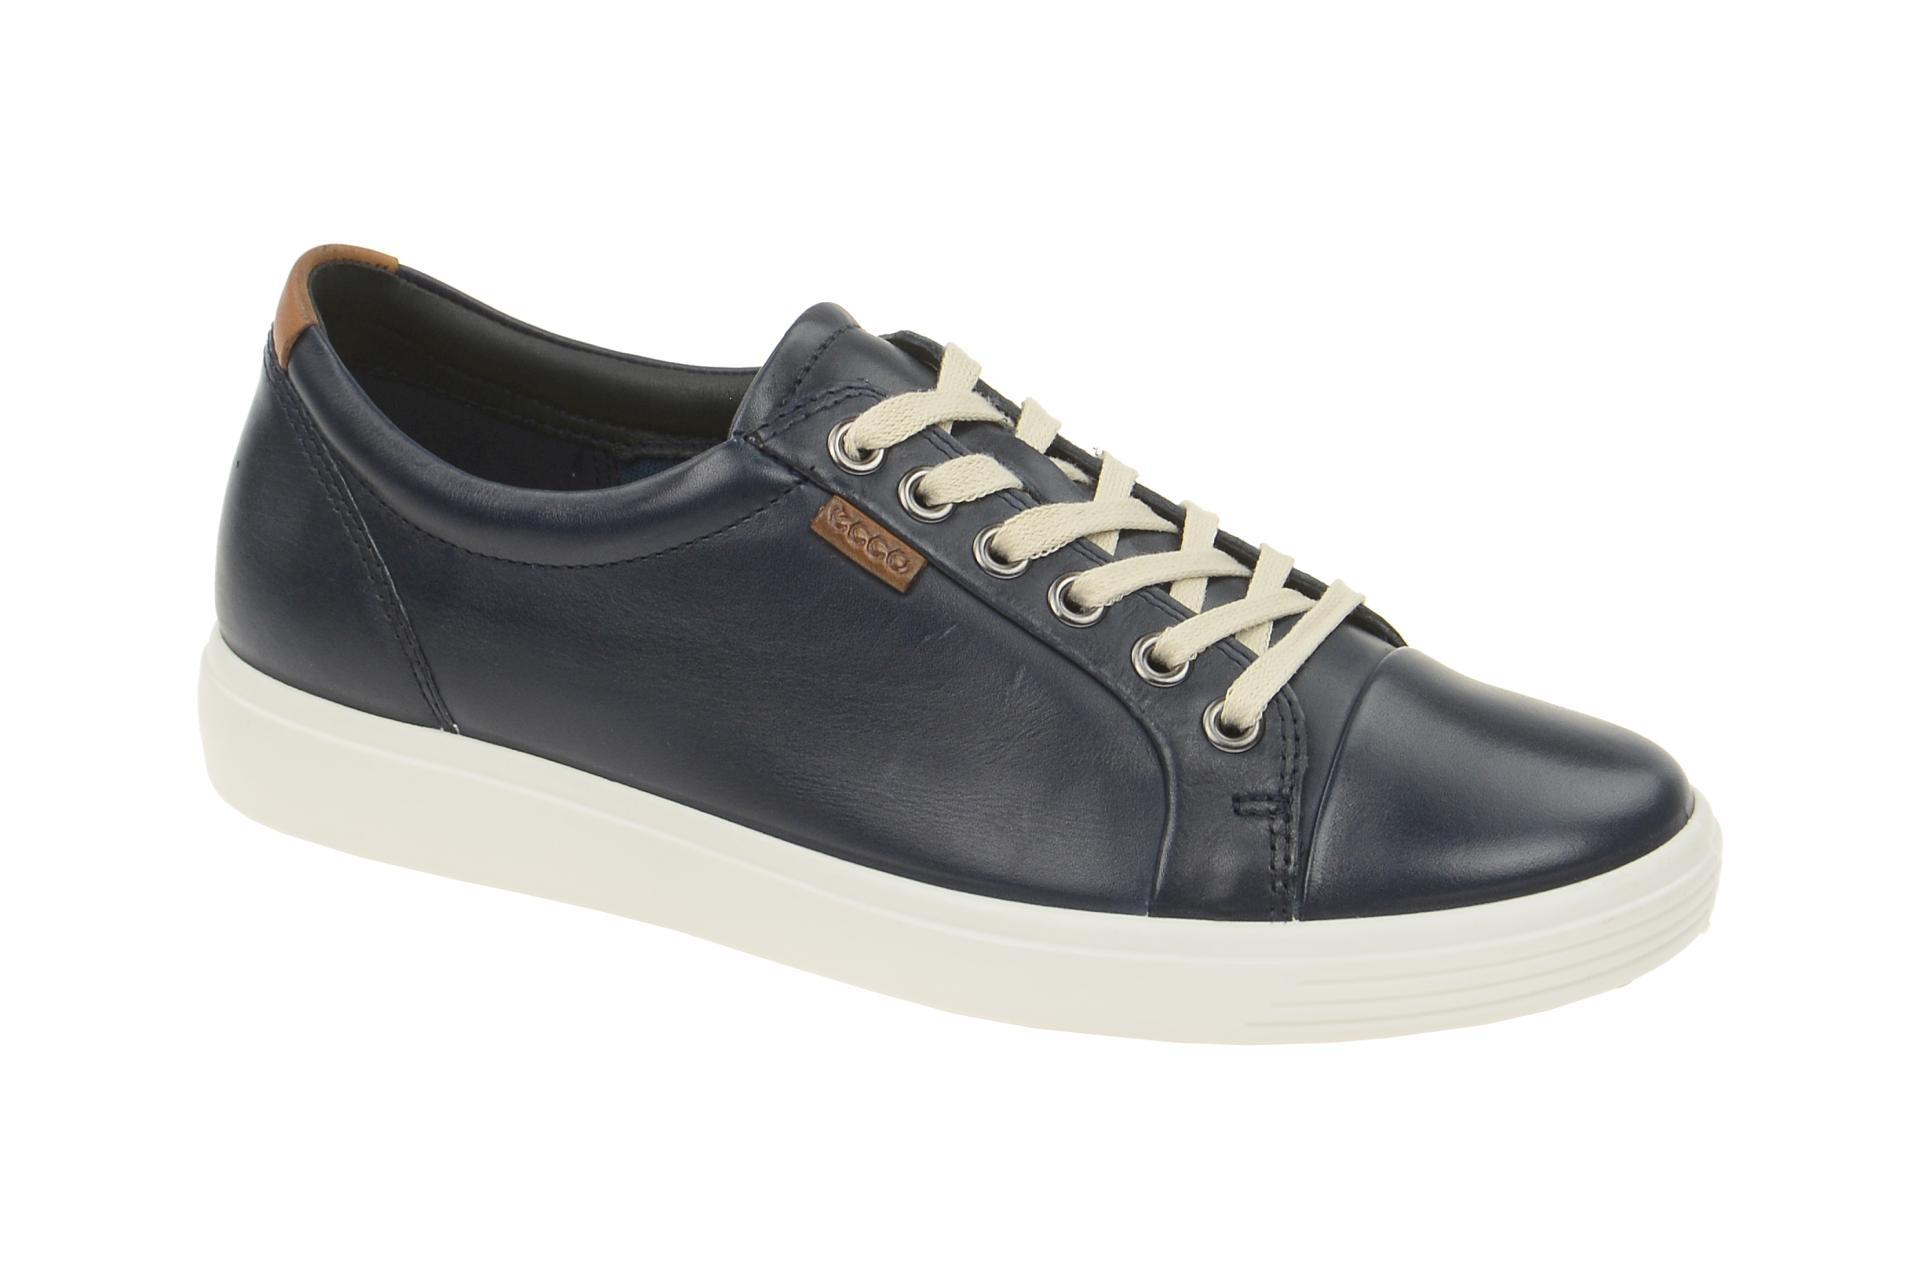 Details zu Ecco Schuhe SOFT 7 LADIES blau Damenschuhe 43000301038 NEU